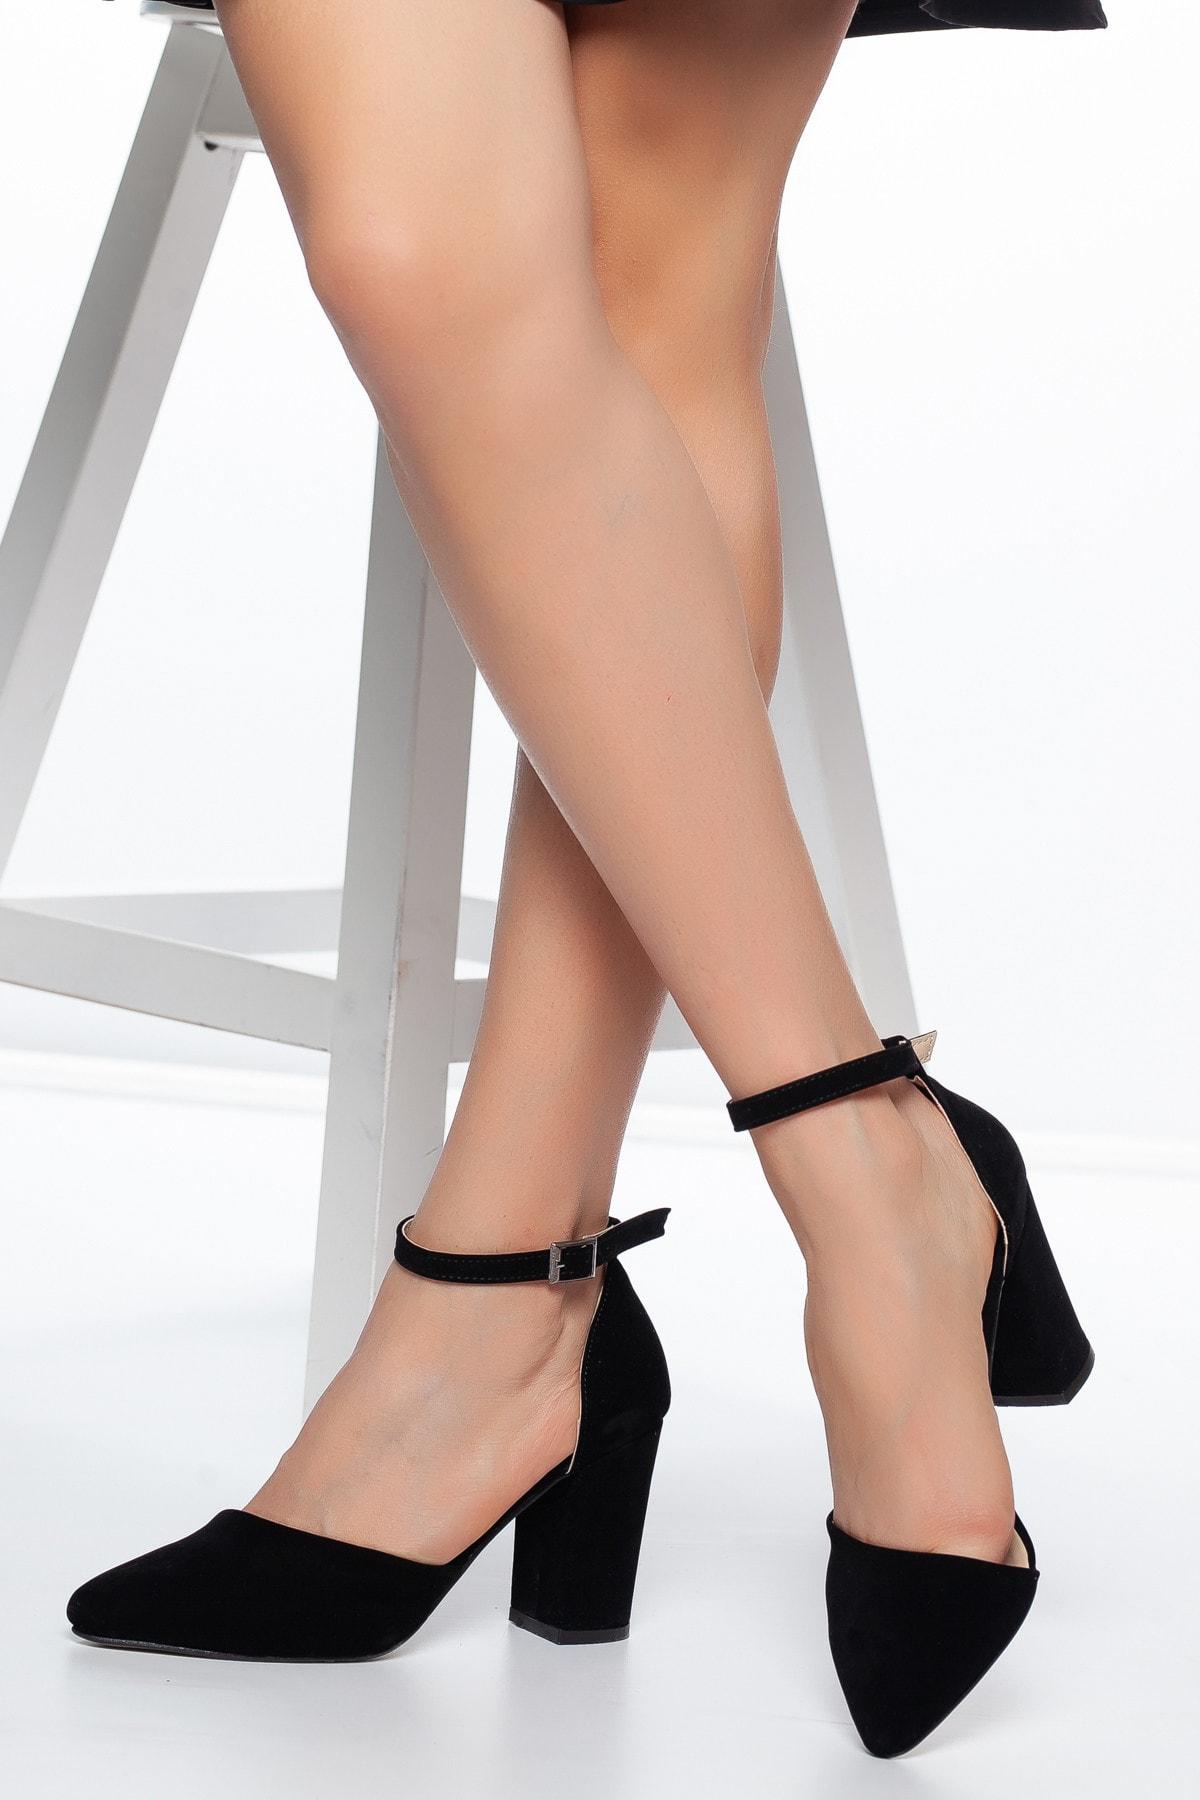 Daxtors Siyah-Süet Kadın Ayakkabı DXTRSKRNYRKY002 2